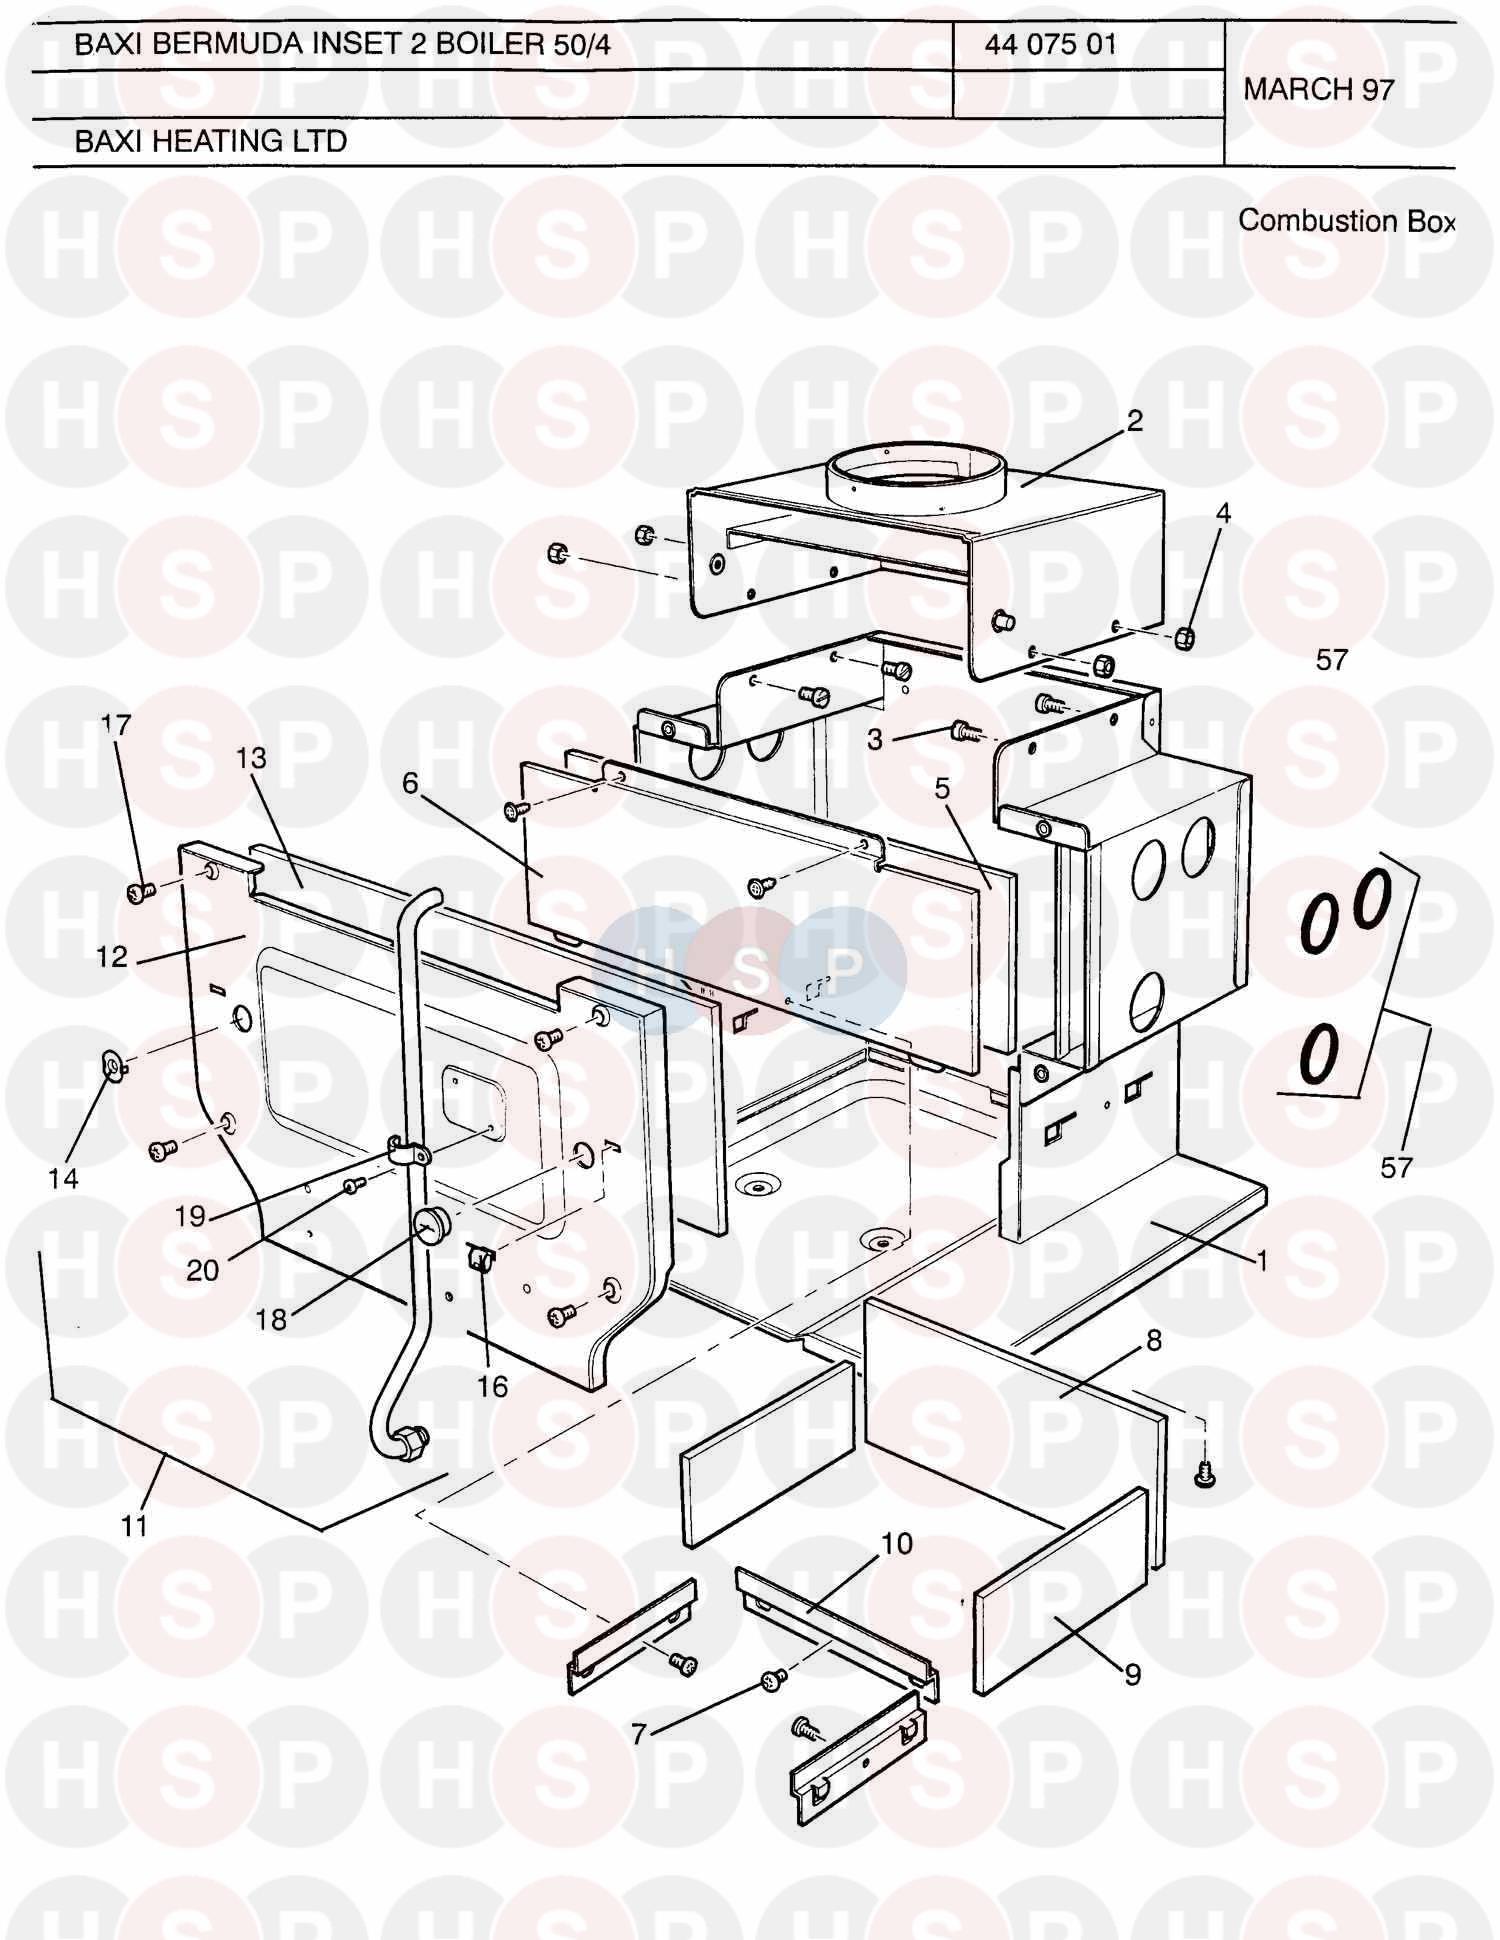 Baxi Bermuda Inset 50  4 Asd  Combustion Box Diagram